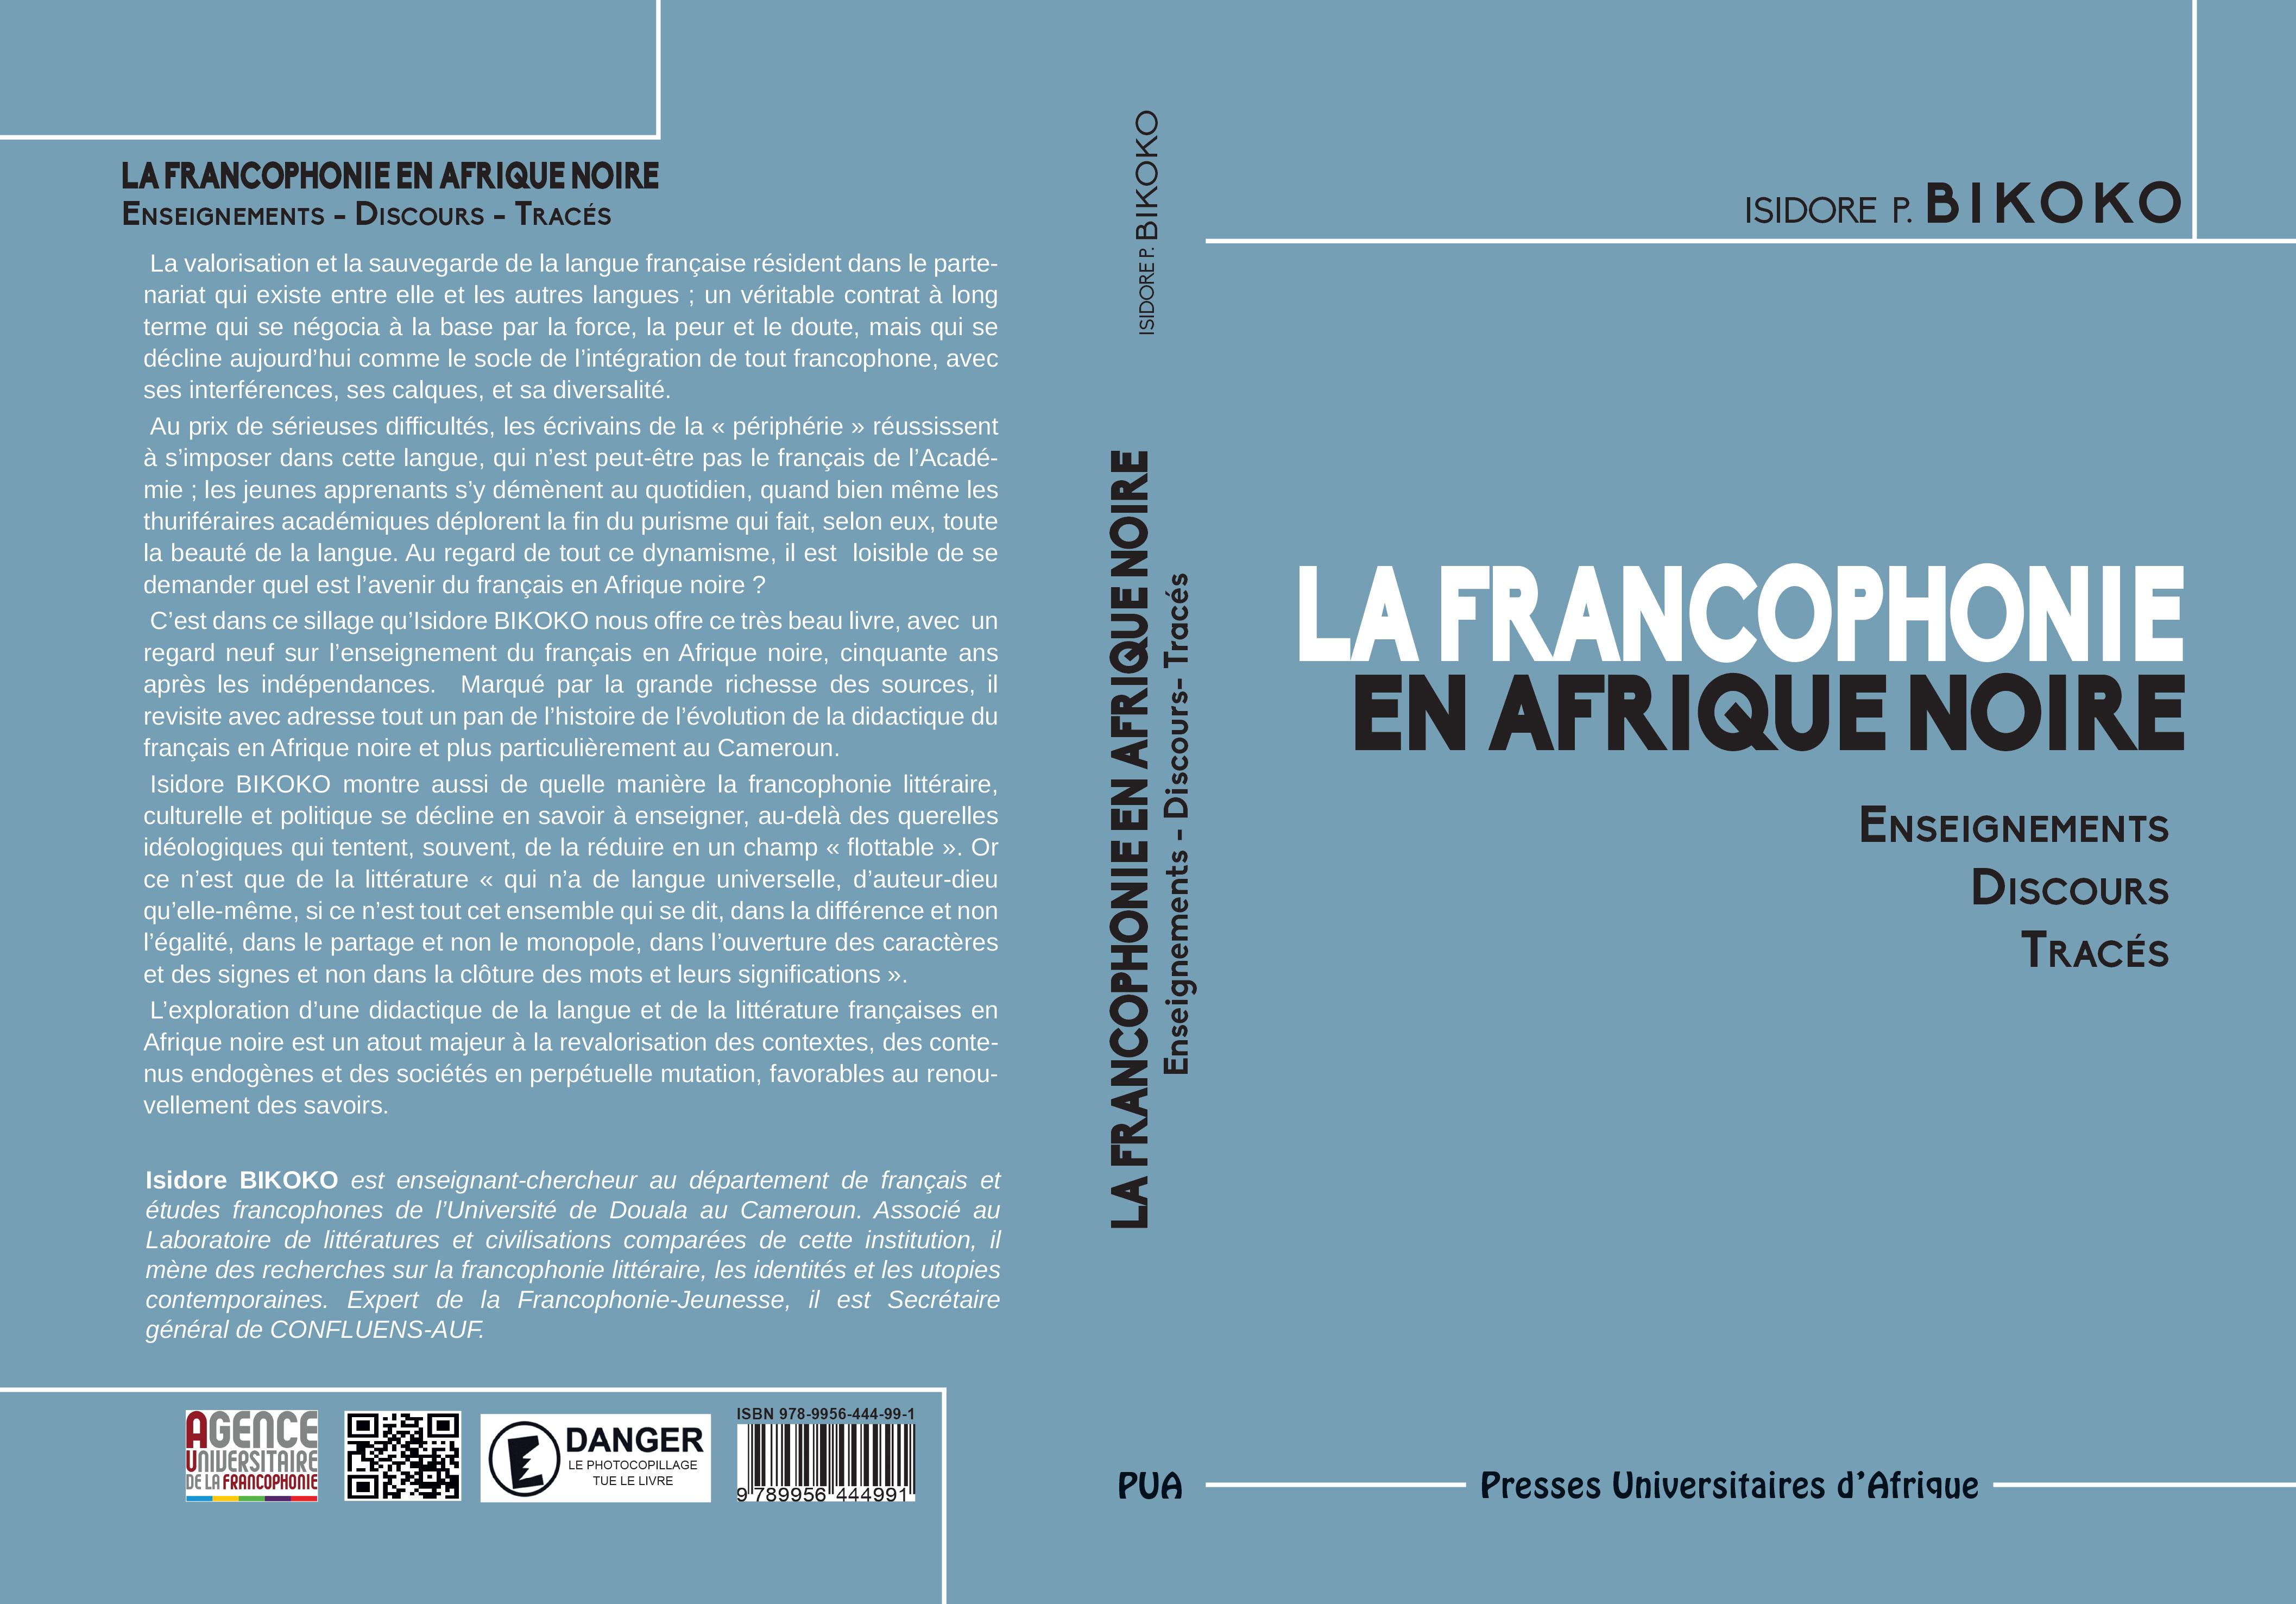 L'exploration d'une didactique de la langue et de la littérature françaises en Afrique noire est un atout majeur à la revalorisation des contextes, des contenus endogènes et des sociétés en perpétuelle mutation, favorables au renouvellement des savoirs.